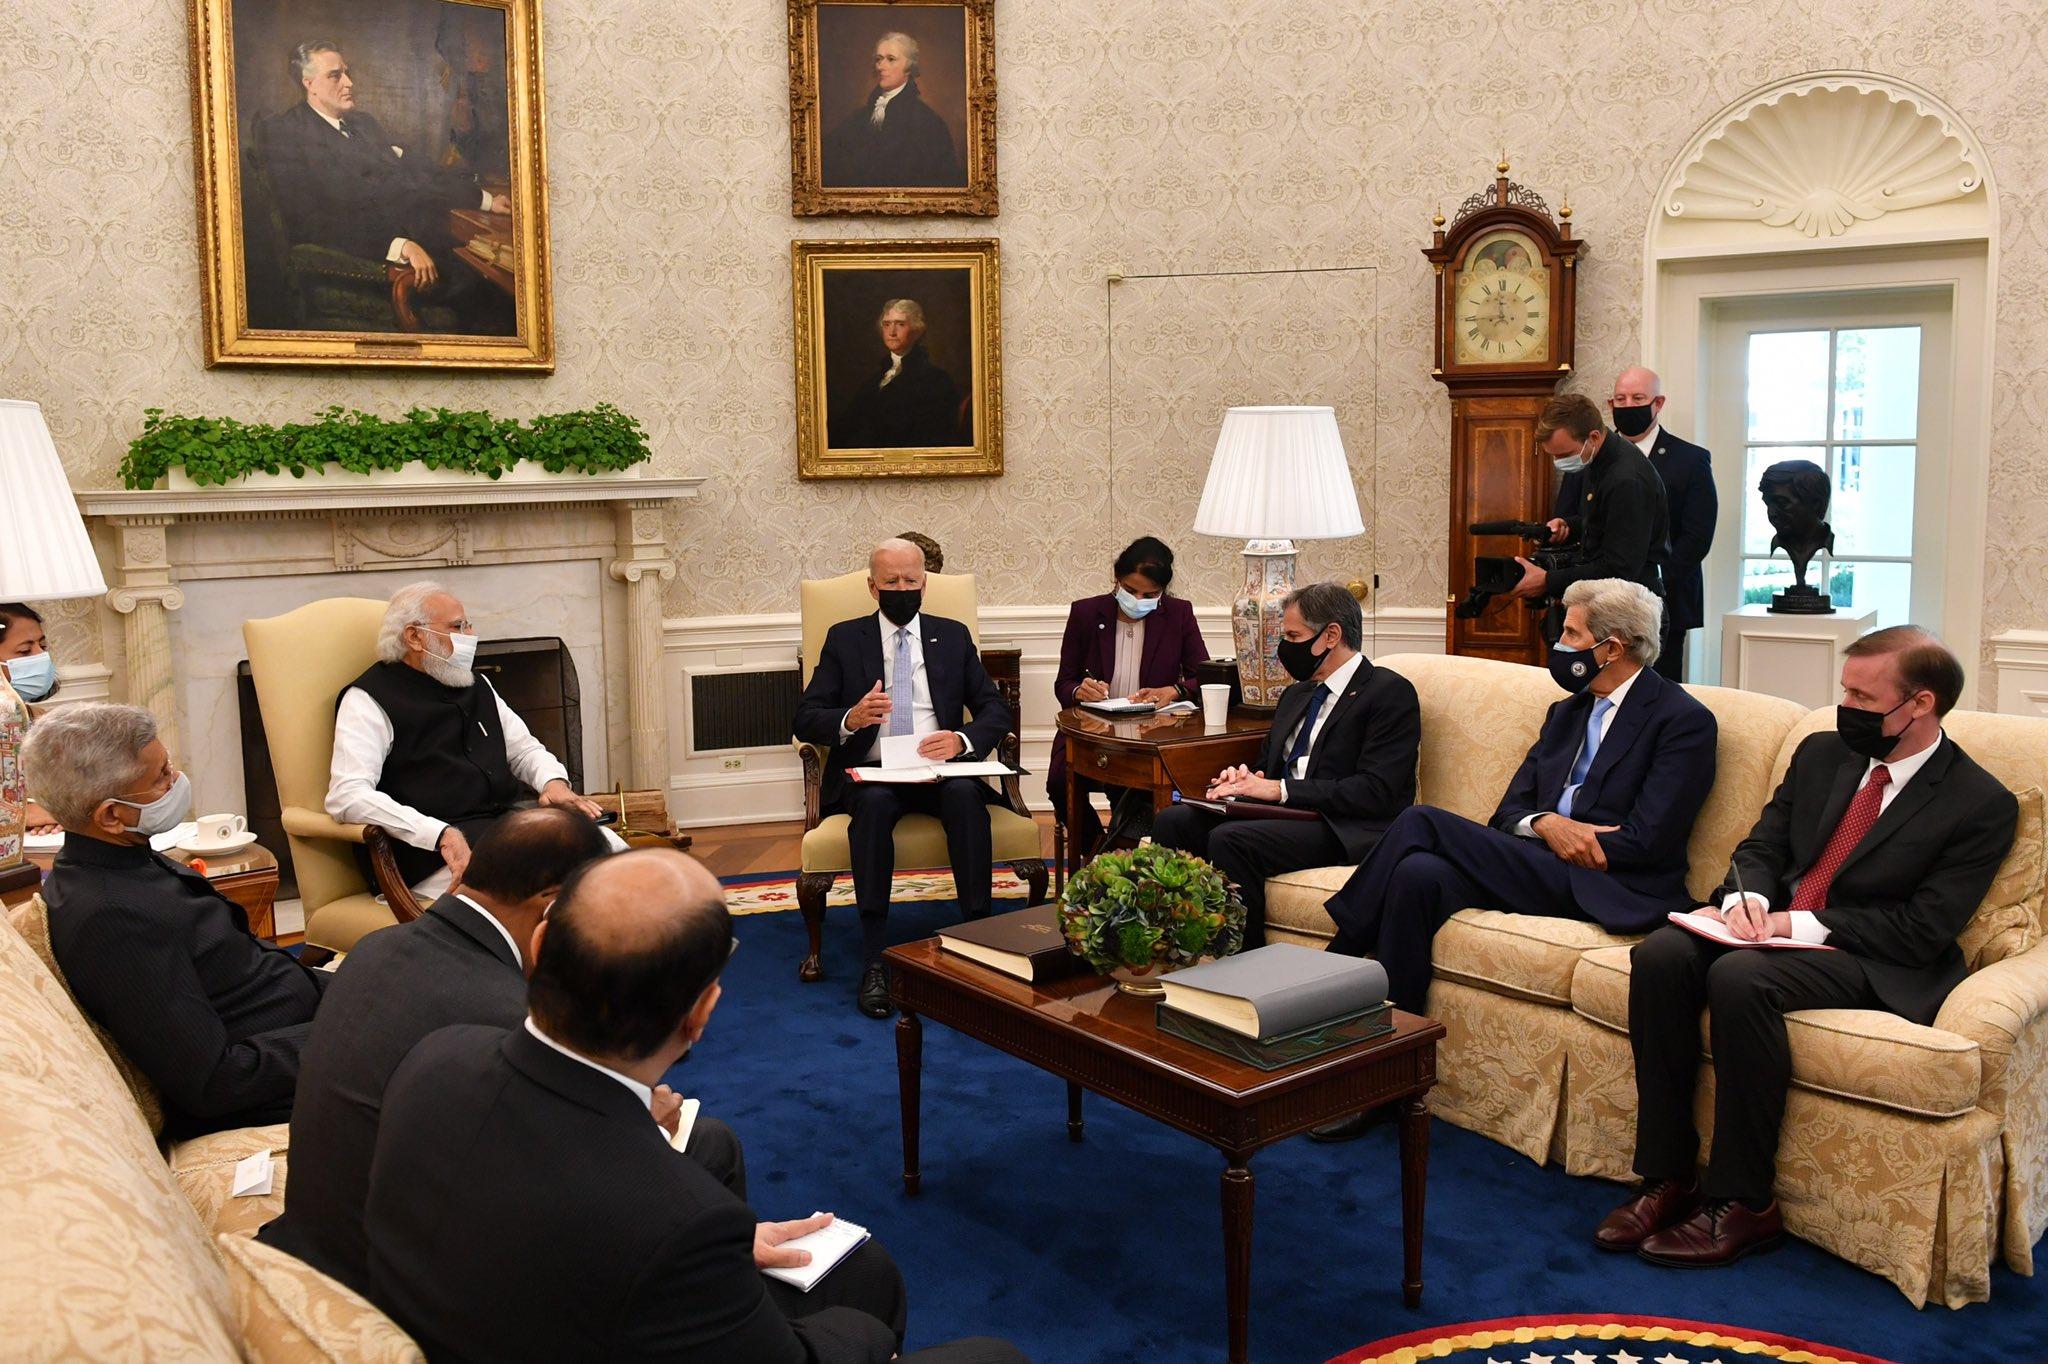 प्रेसिडेंट बाइडेन और प्रधानमंत्री मोदी की मीटिंग के दौरान दोनों देशों के टॉप डिप्लोमैट भी मौजूद रहे। भारतीय दल में NSA अजीत डोभाल और विदेश मंत्री जयशंकर भी शामिल थे तो वहीं अमेरिका की तरफ से विदेश मंत्री एंटनी ब्लिंकन मौजूद थे।